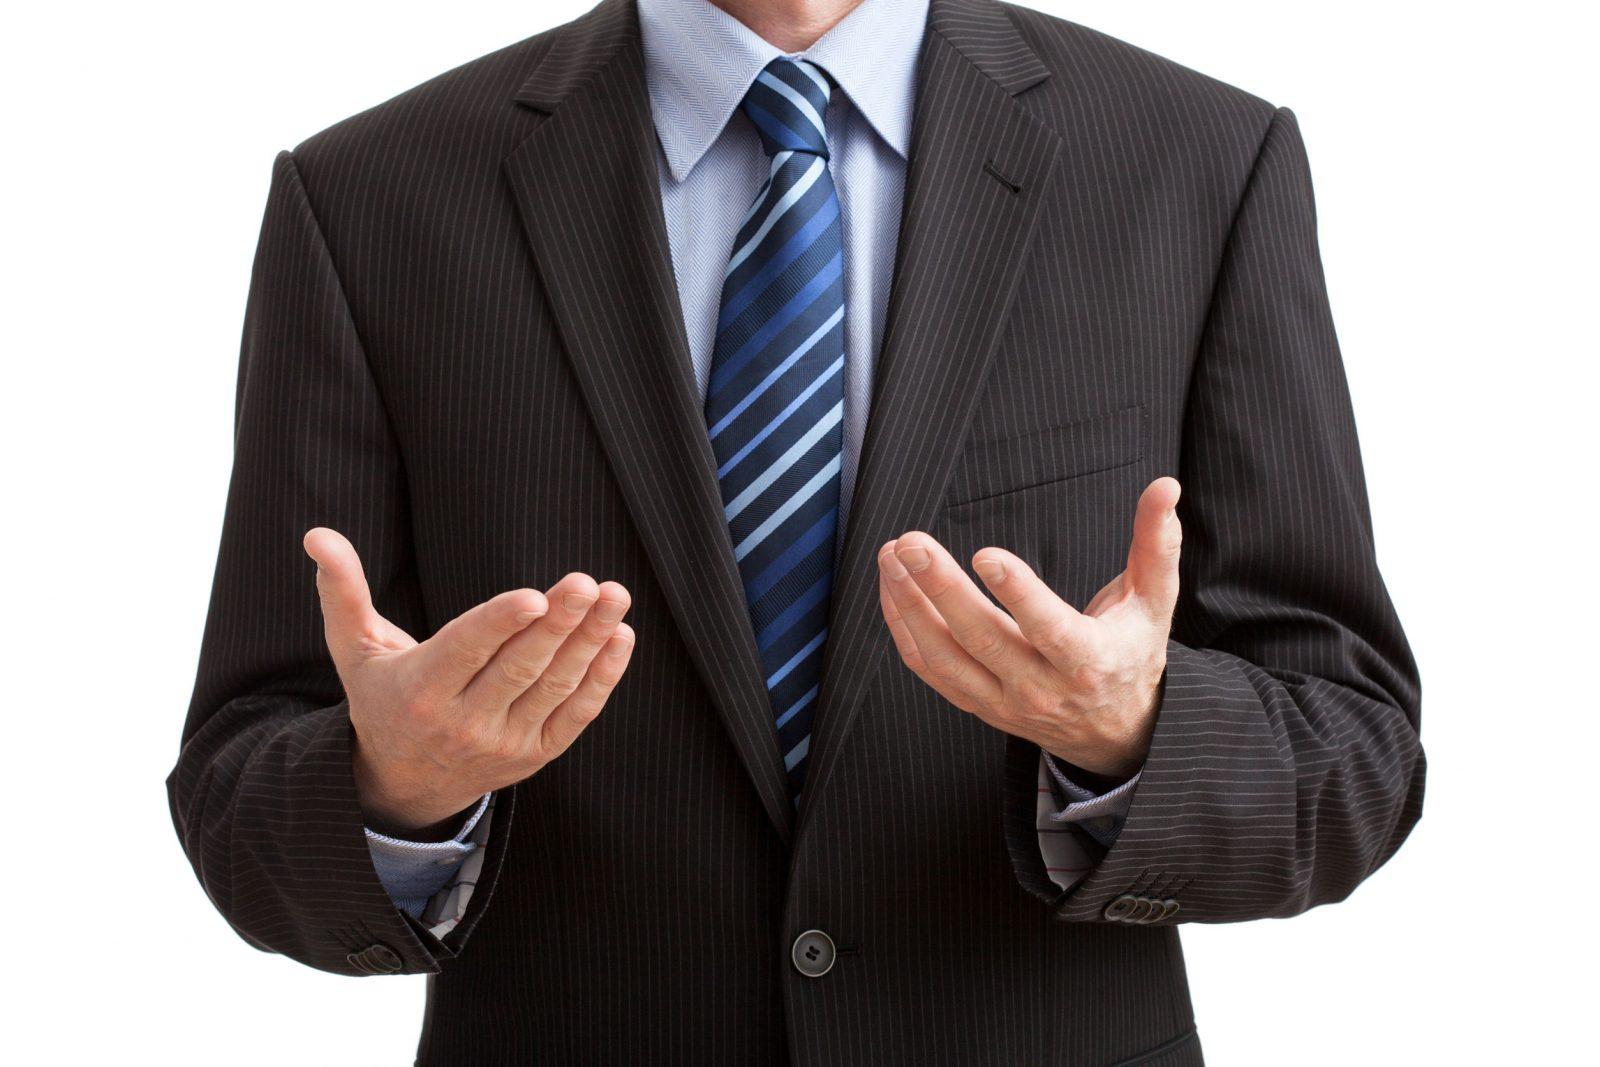 Noções básicas de linguagem corporal para os negócios